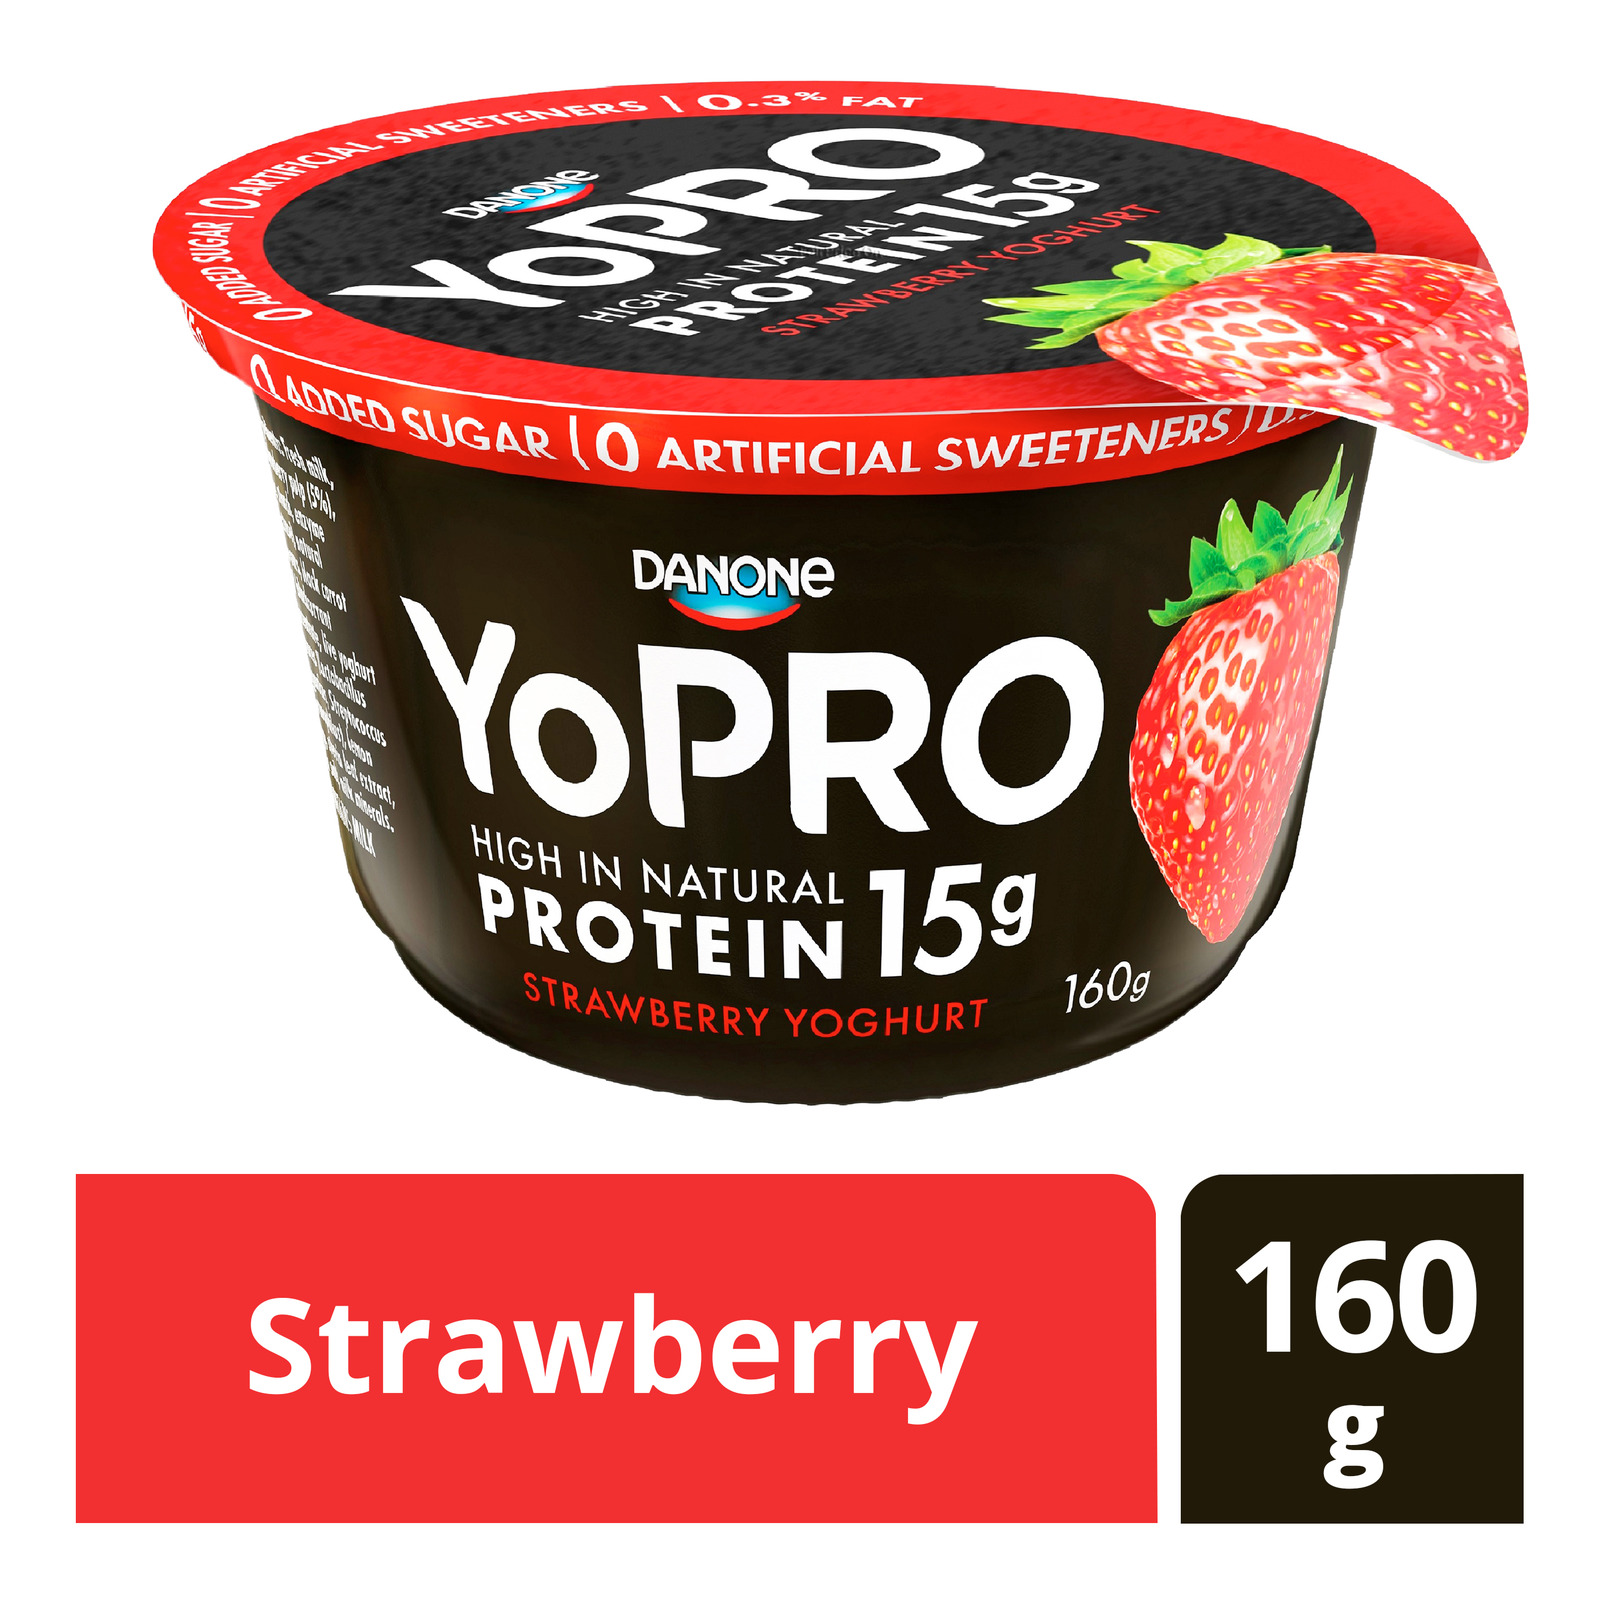 Danone YoPro Yoghurt - Strawberry